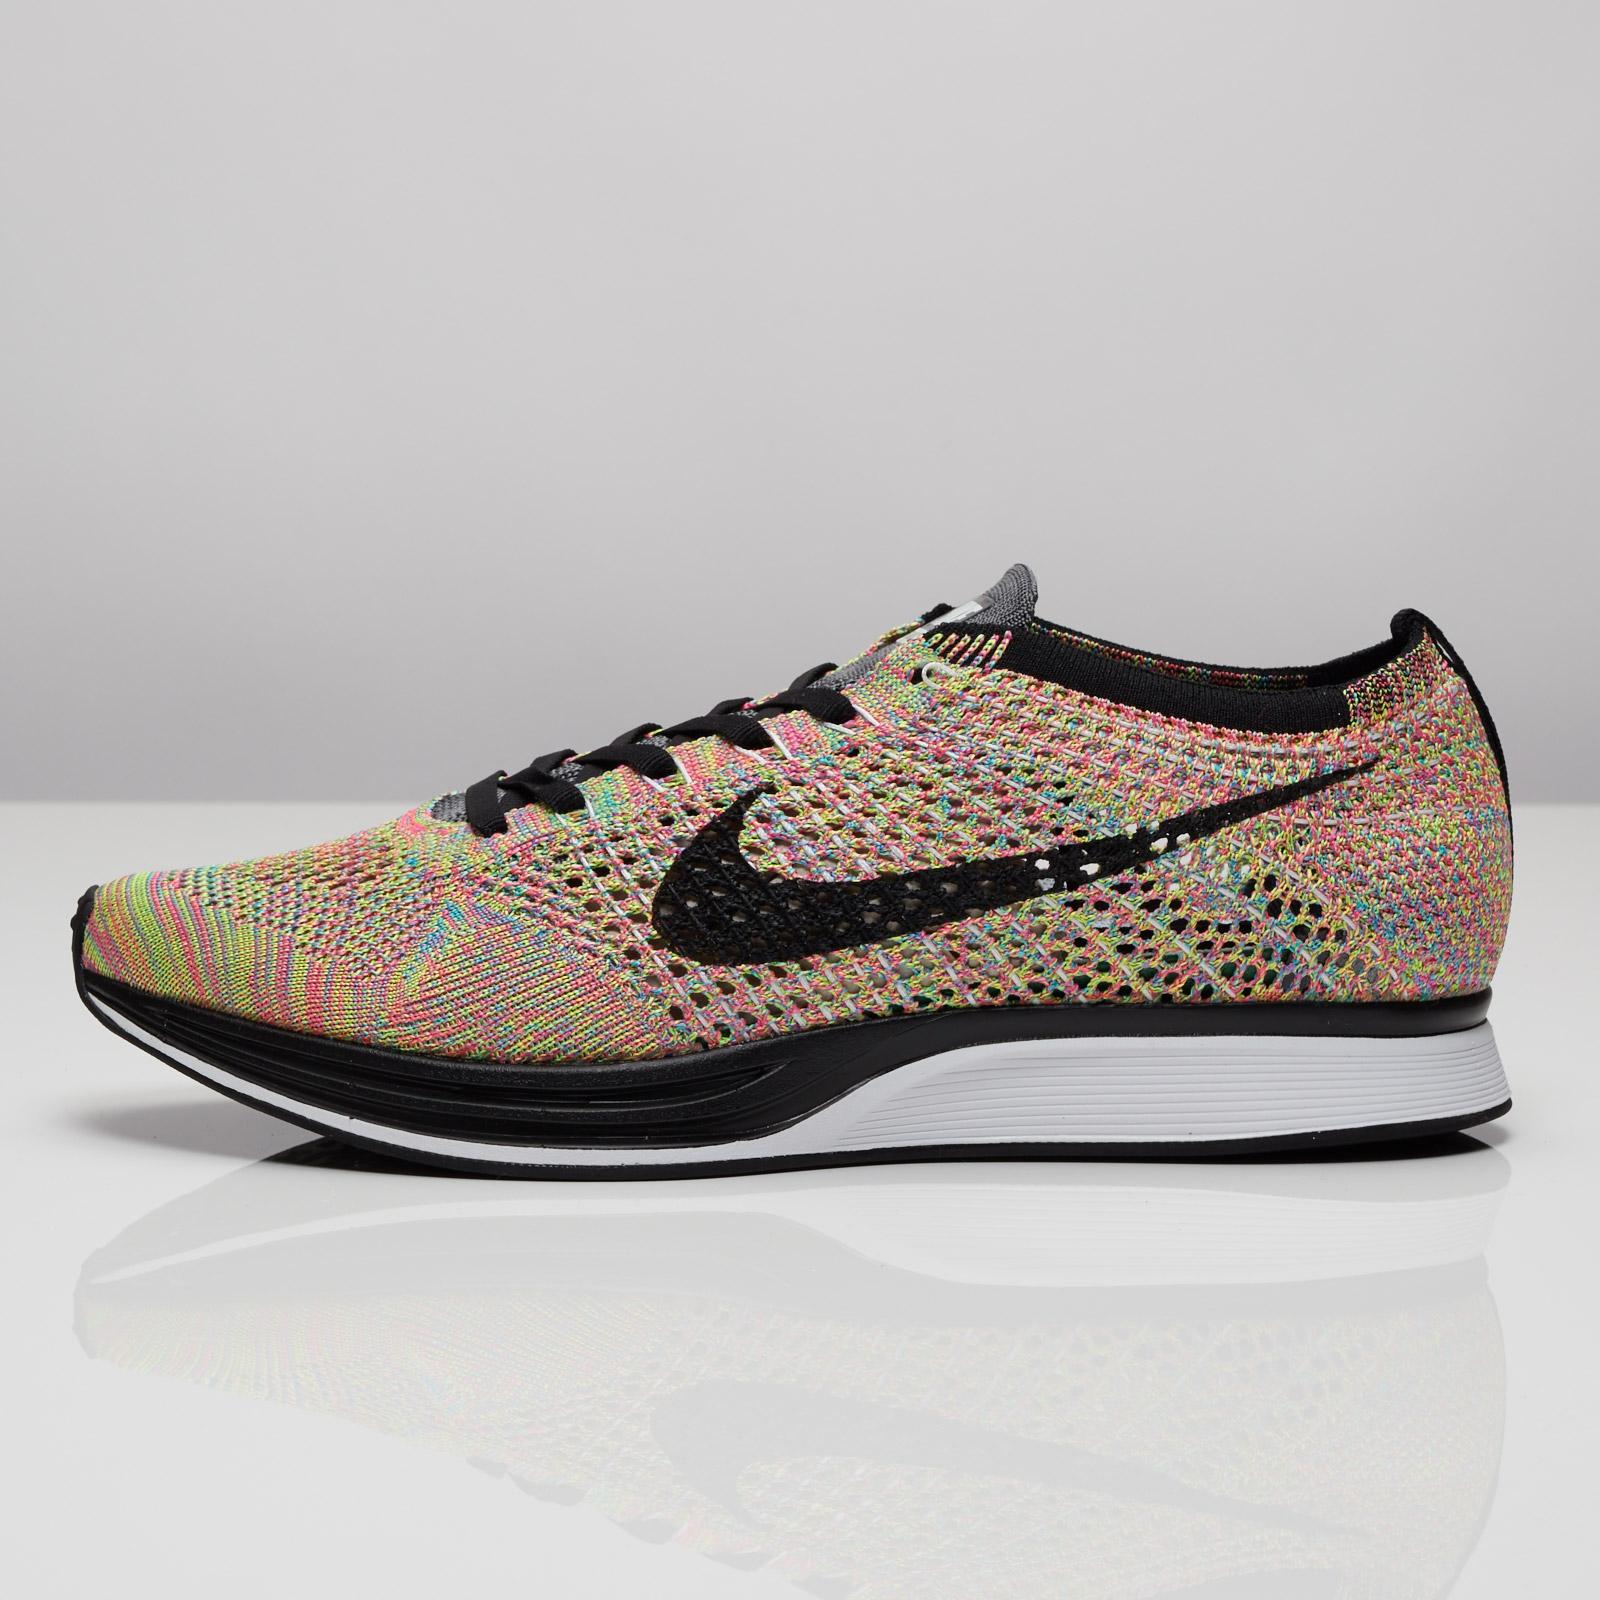 promo code 28f3b 366ab Nike Flyknit Racer - 526628-004 - Sneakersnstuff   sneakers   streetwear  online since 1999